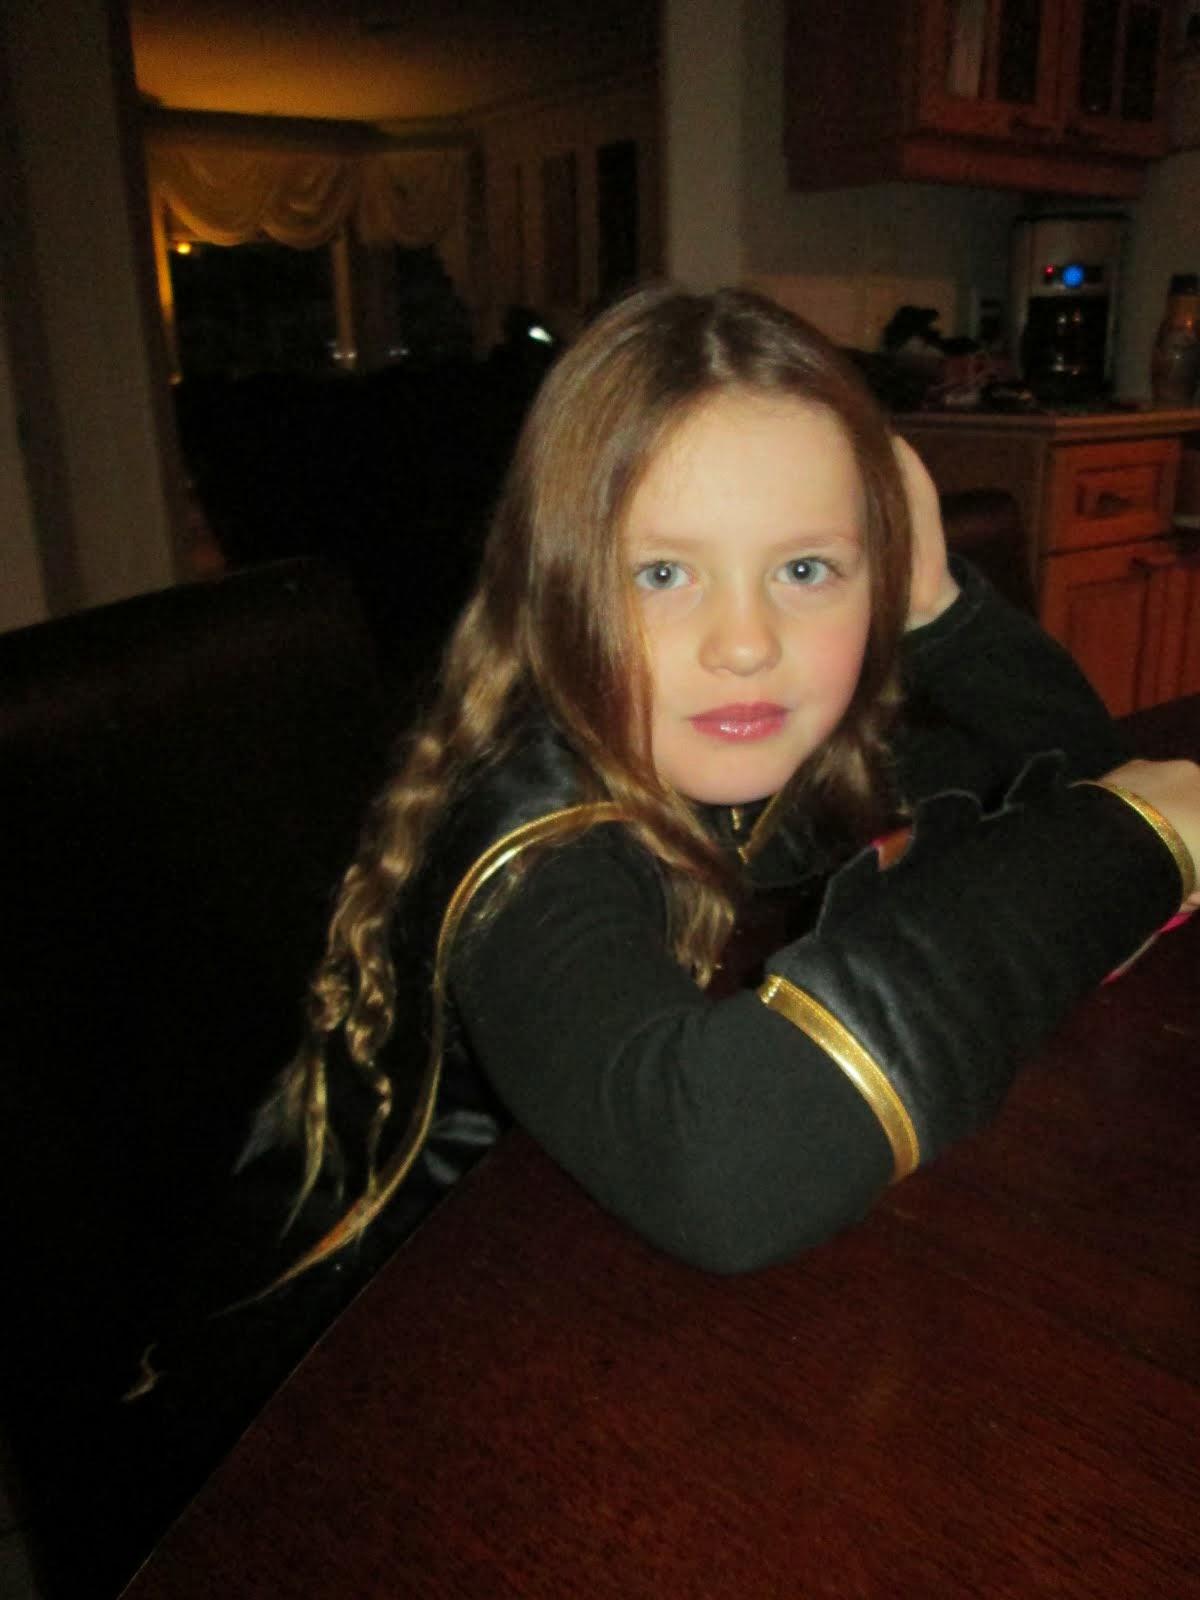 Mia-6 years